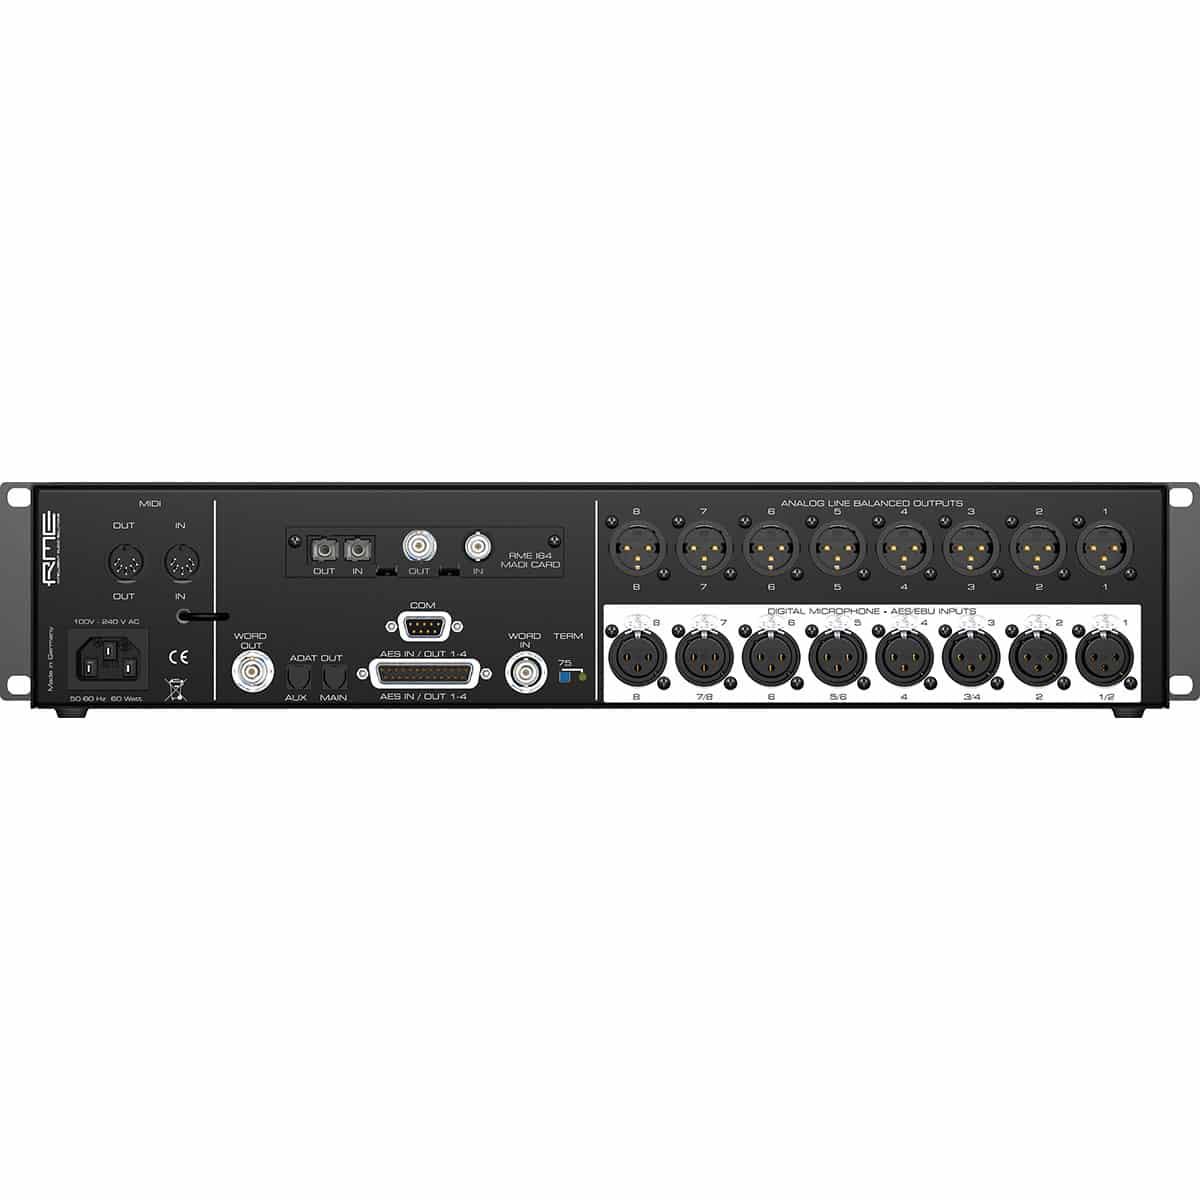 RME DMC 842 04 Convertitori Audio, Pro Audio, Outboard, Preamplificatori Microfonici, Audio Digitale